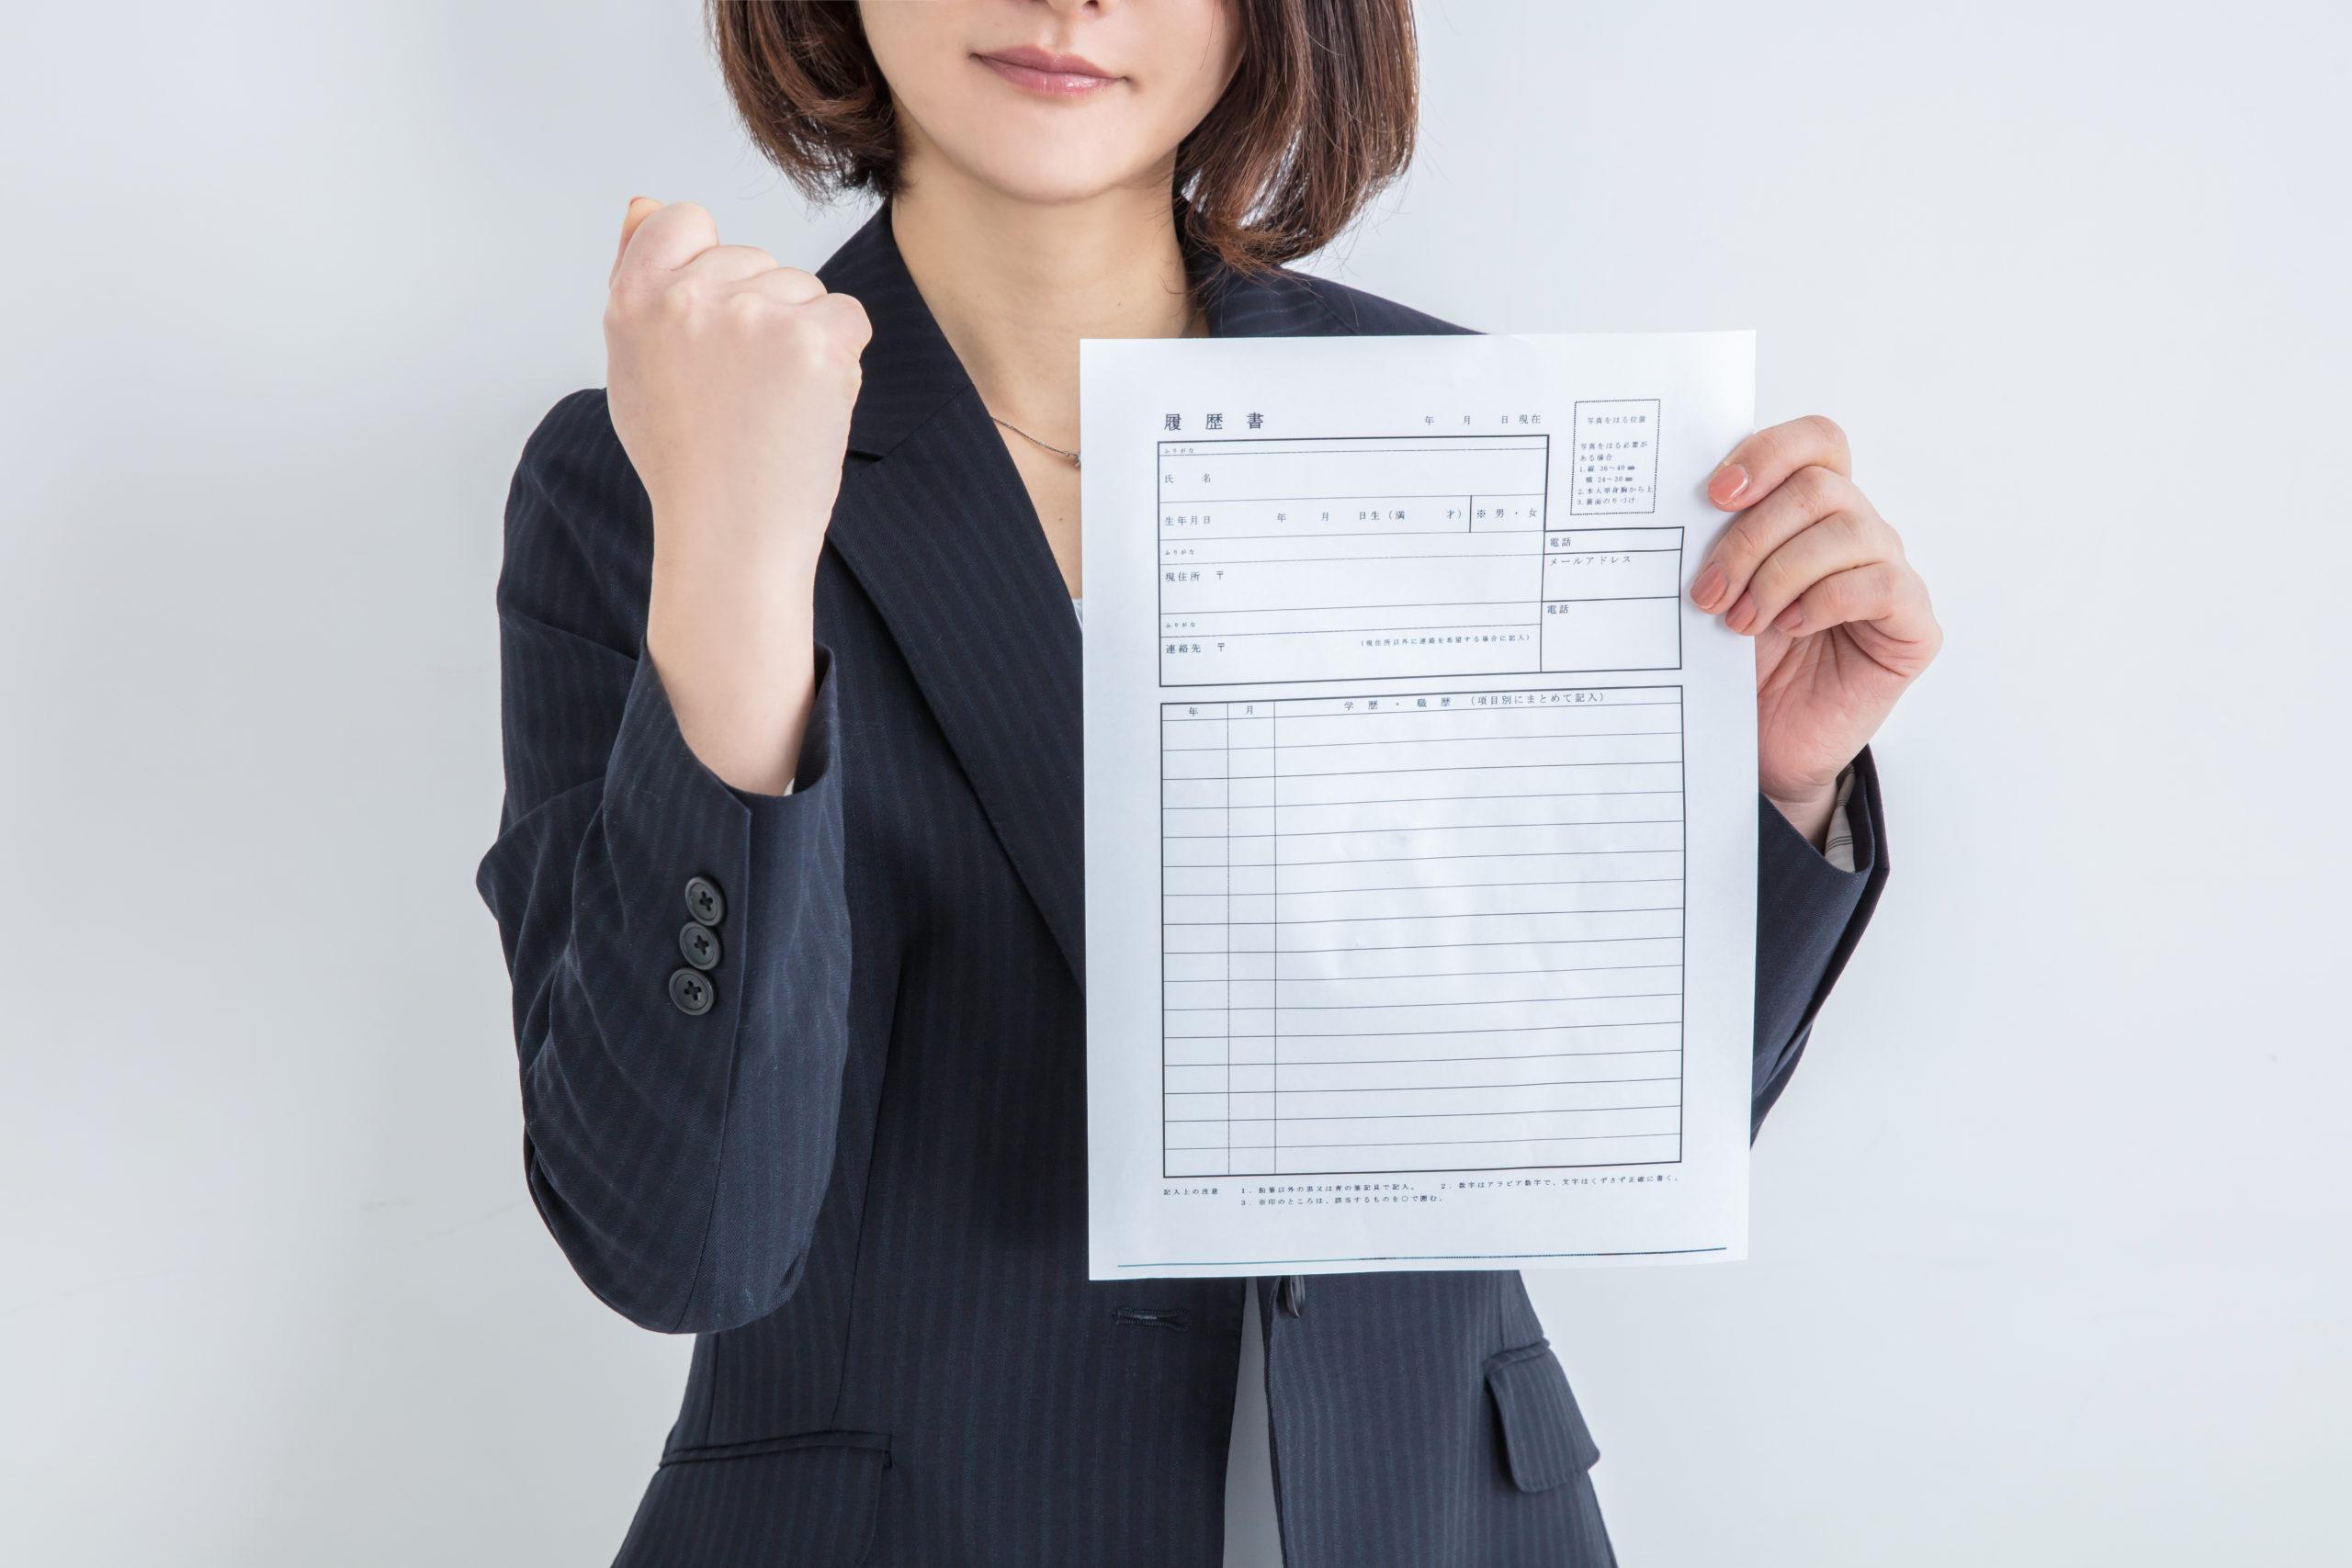 転職の際の履歴書・職歴・学歴欄の効果的な書き方